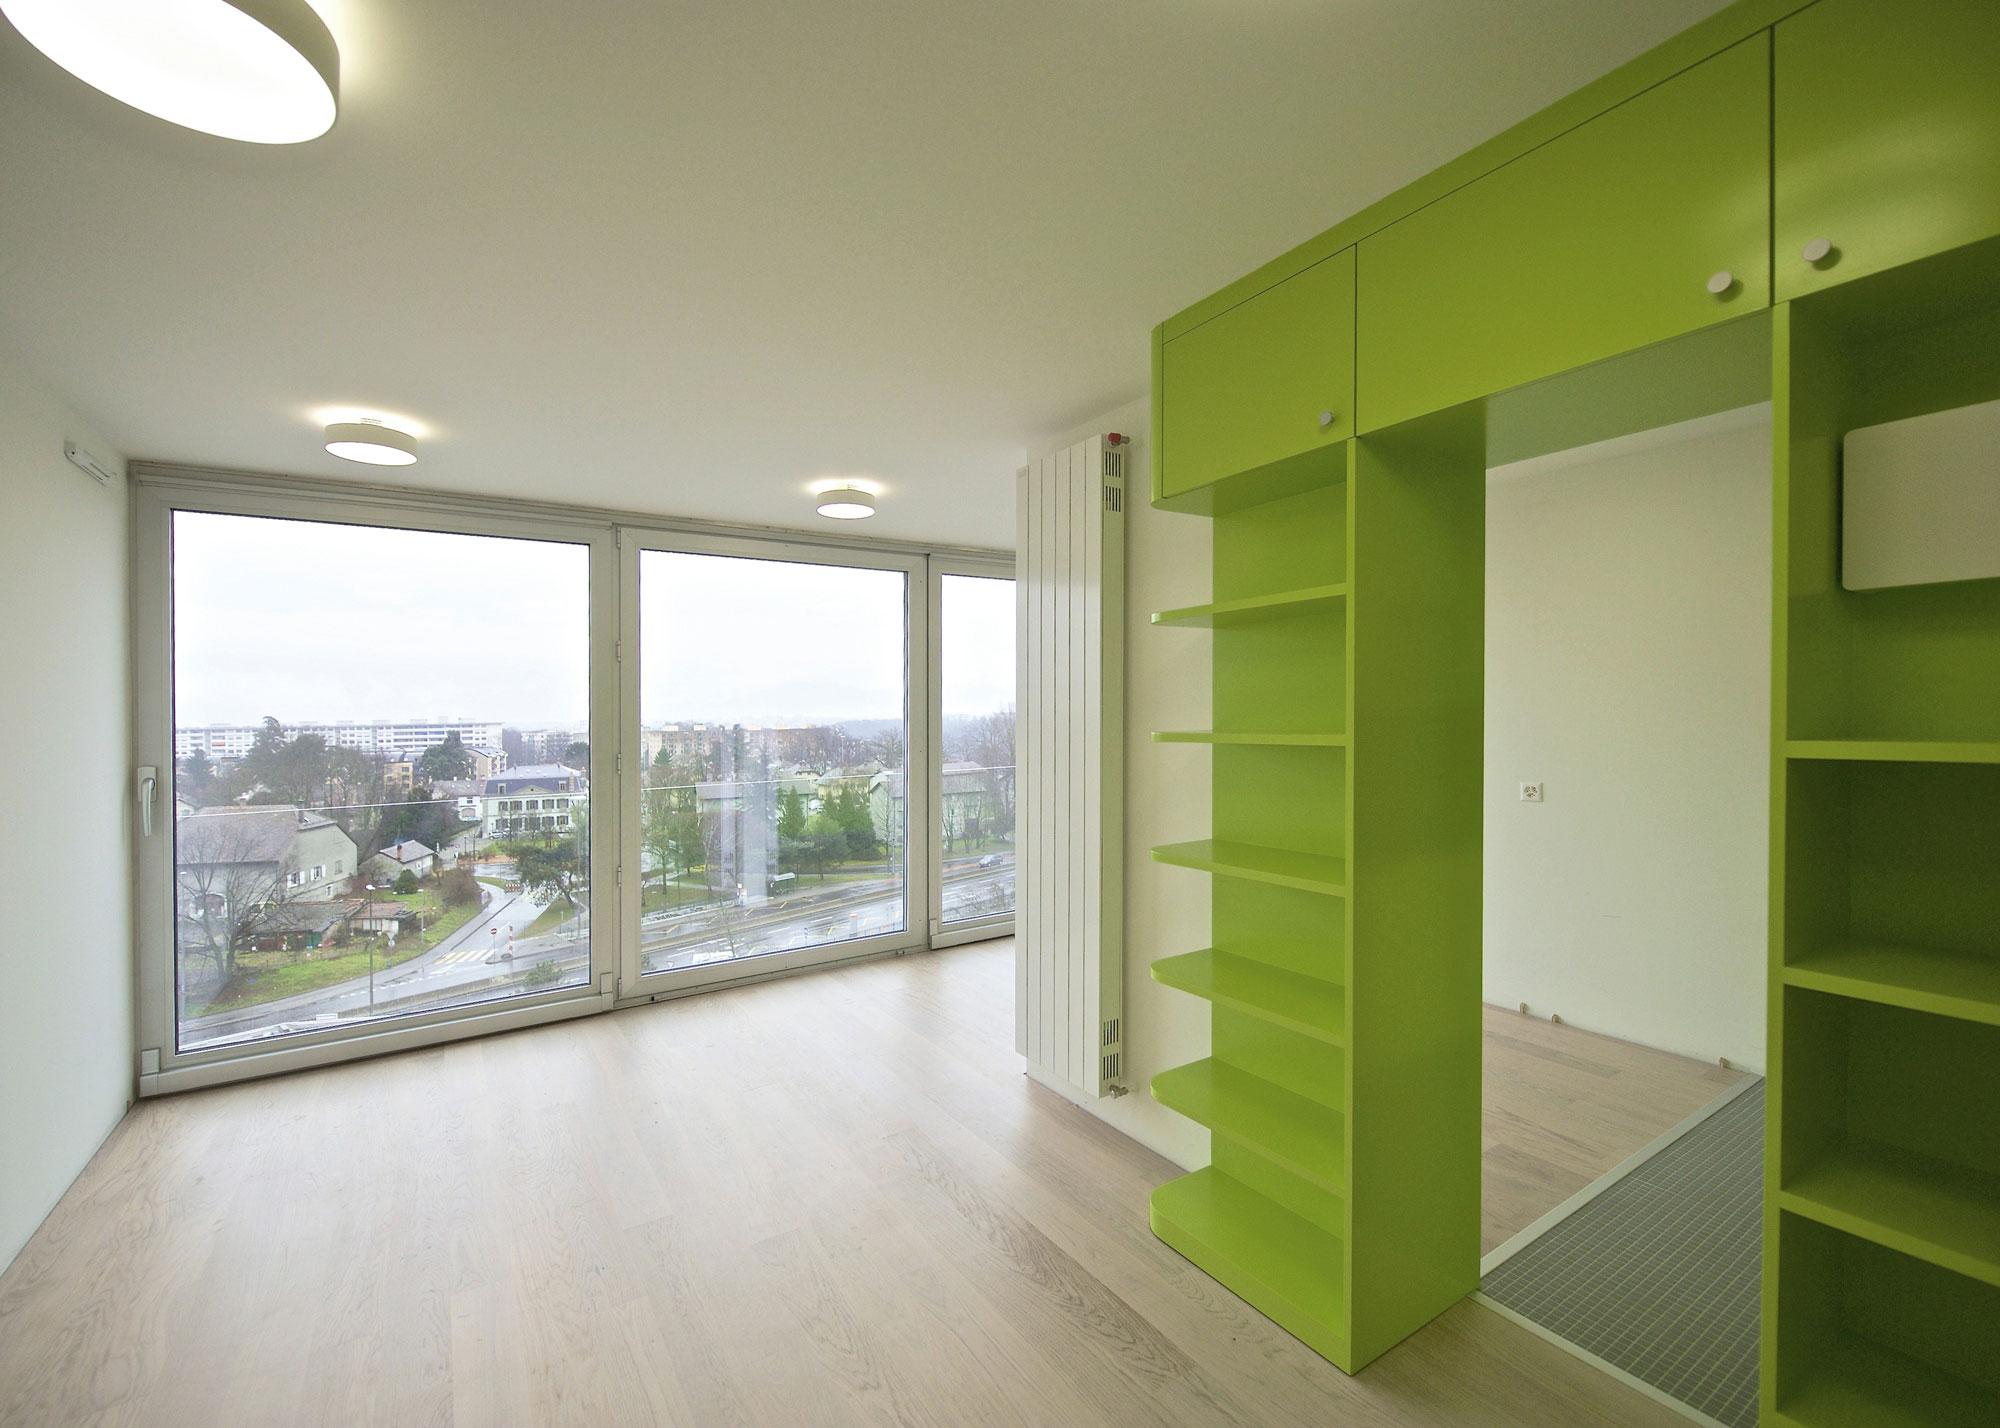 Dix-huit appartements sont créés à partir de logements plus petits pour accueillir des familles.